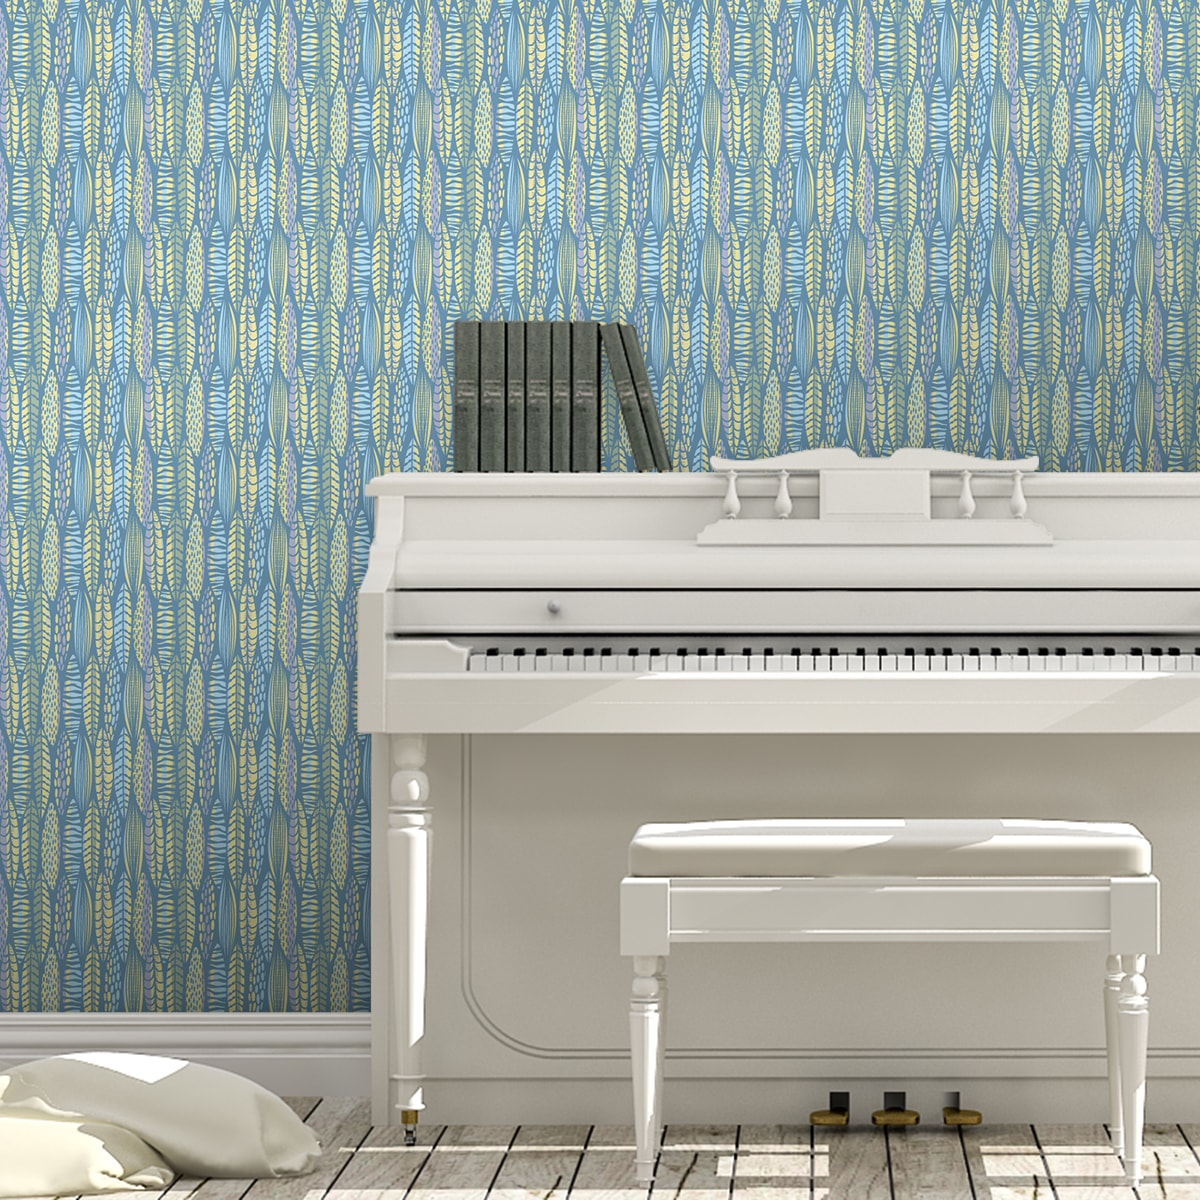 grafische Tapete Streifen Blätter floral, modern in hellblau - Streifentapete für Schlafzimmer